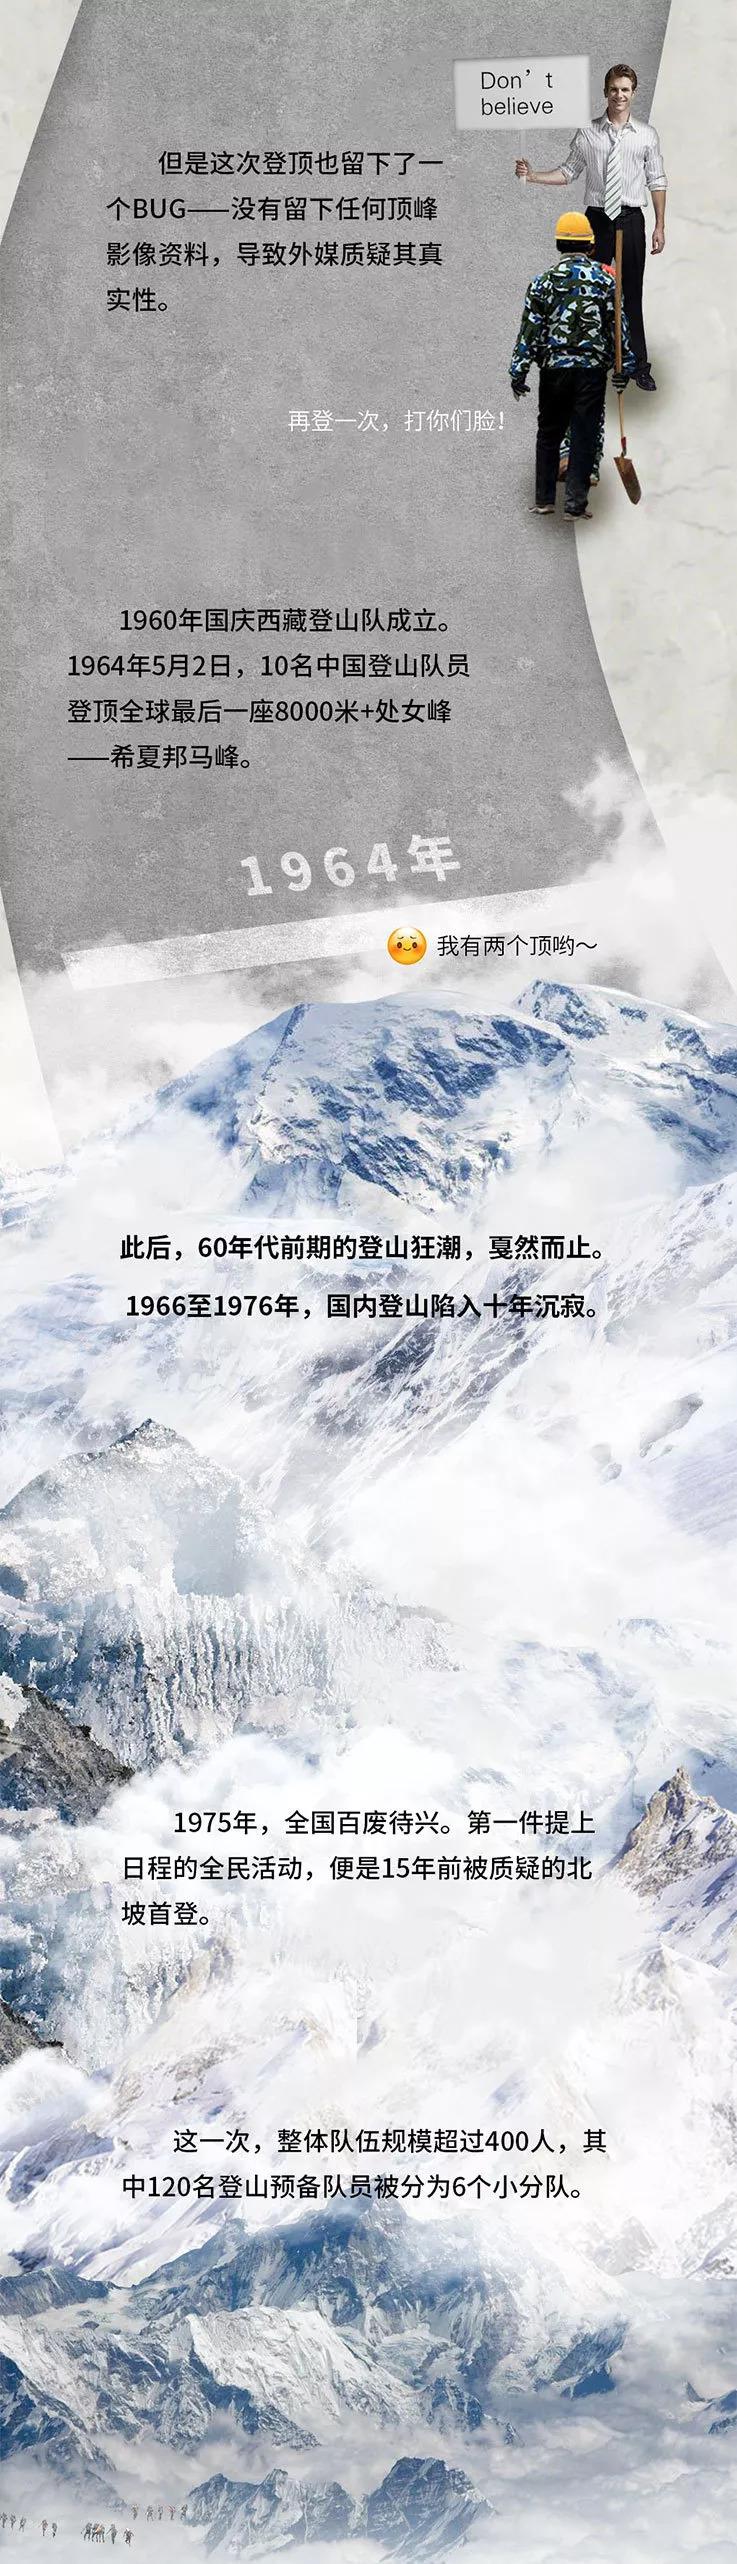 永利娱乐官方网址 6